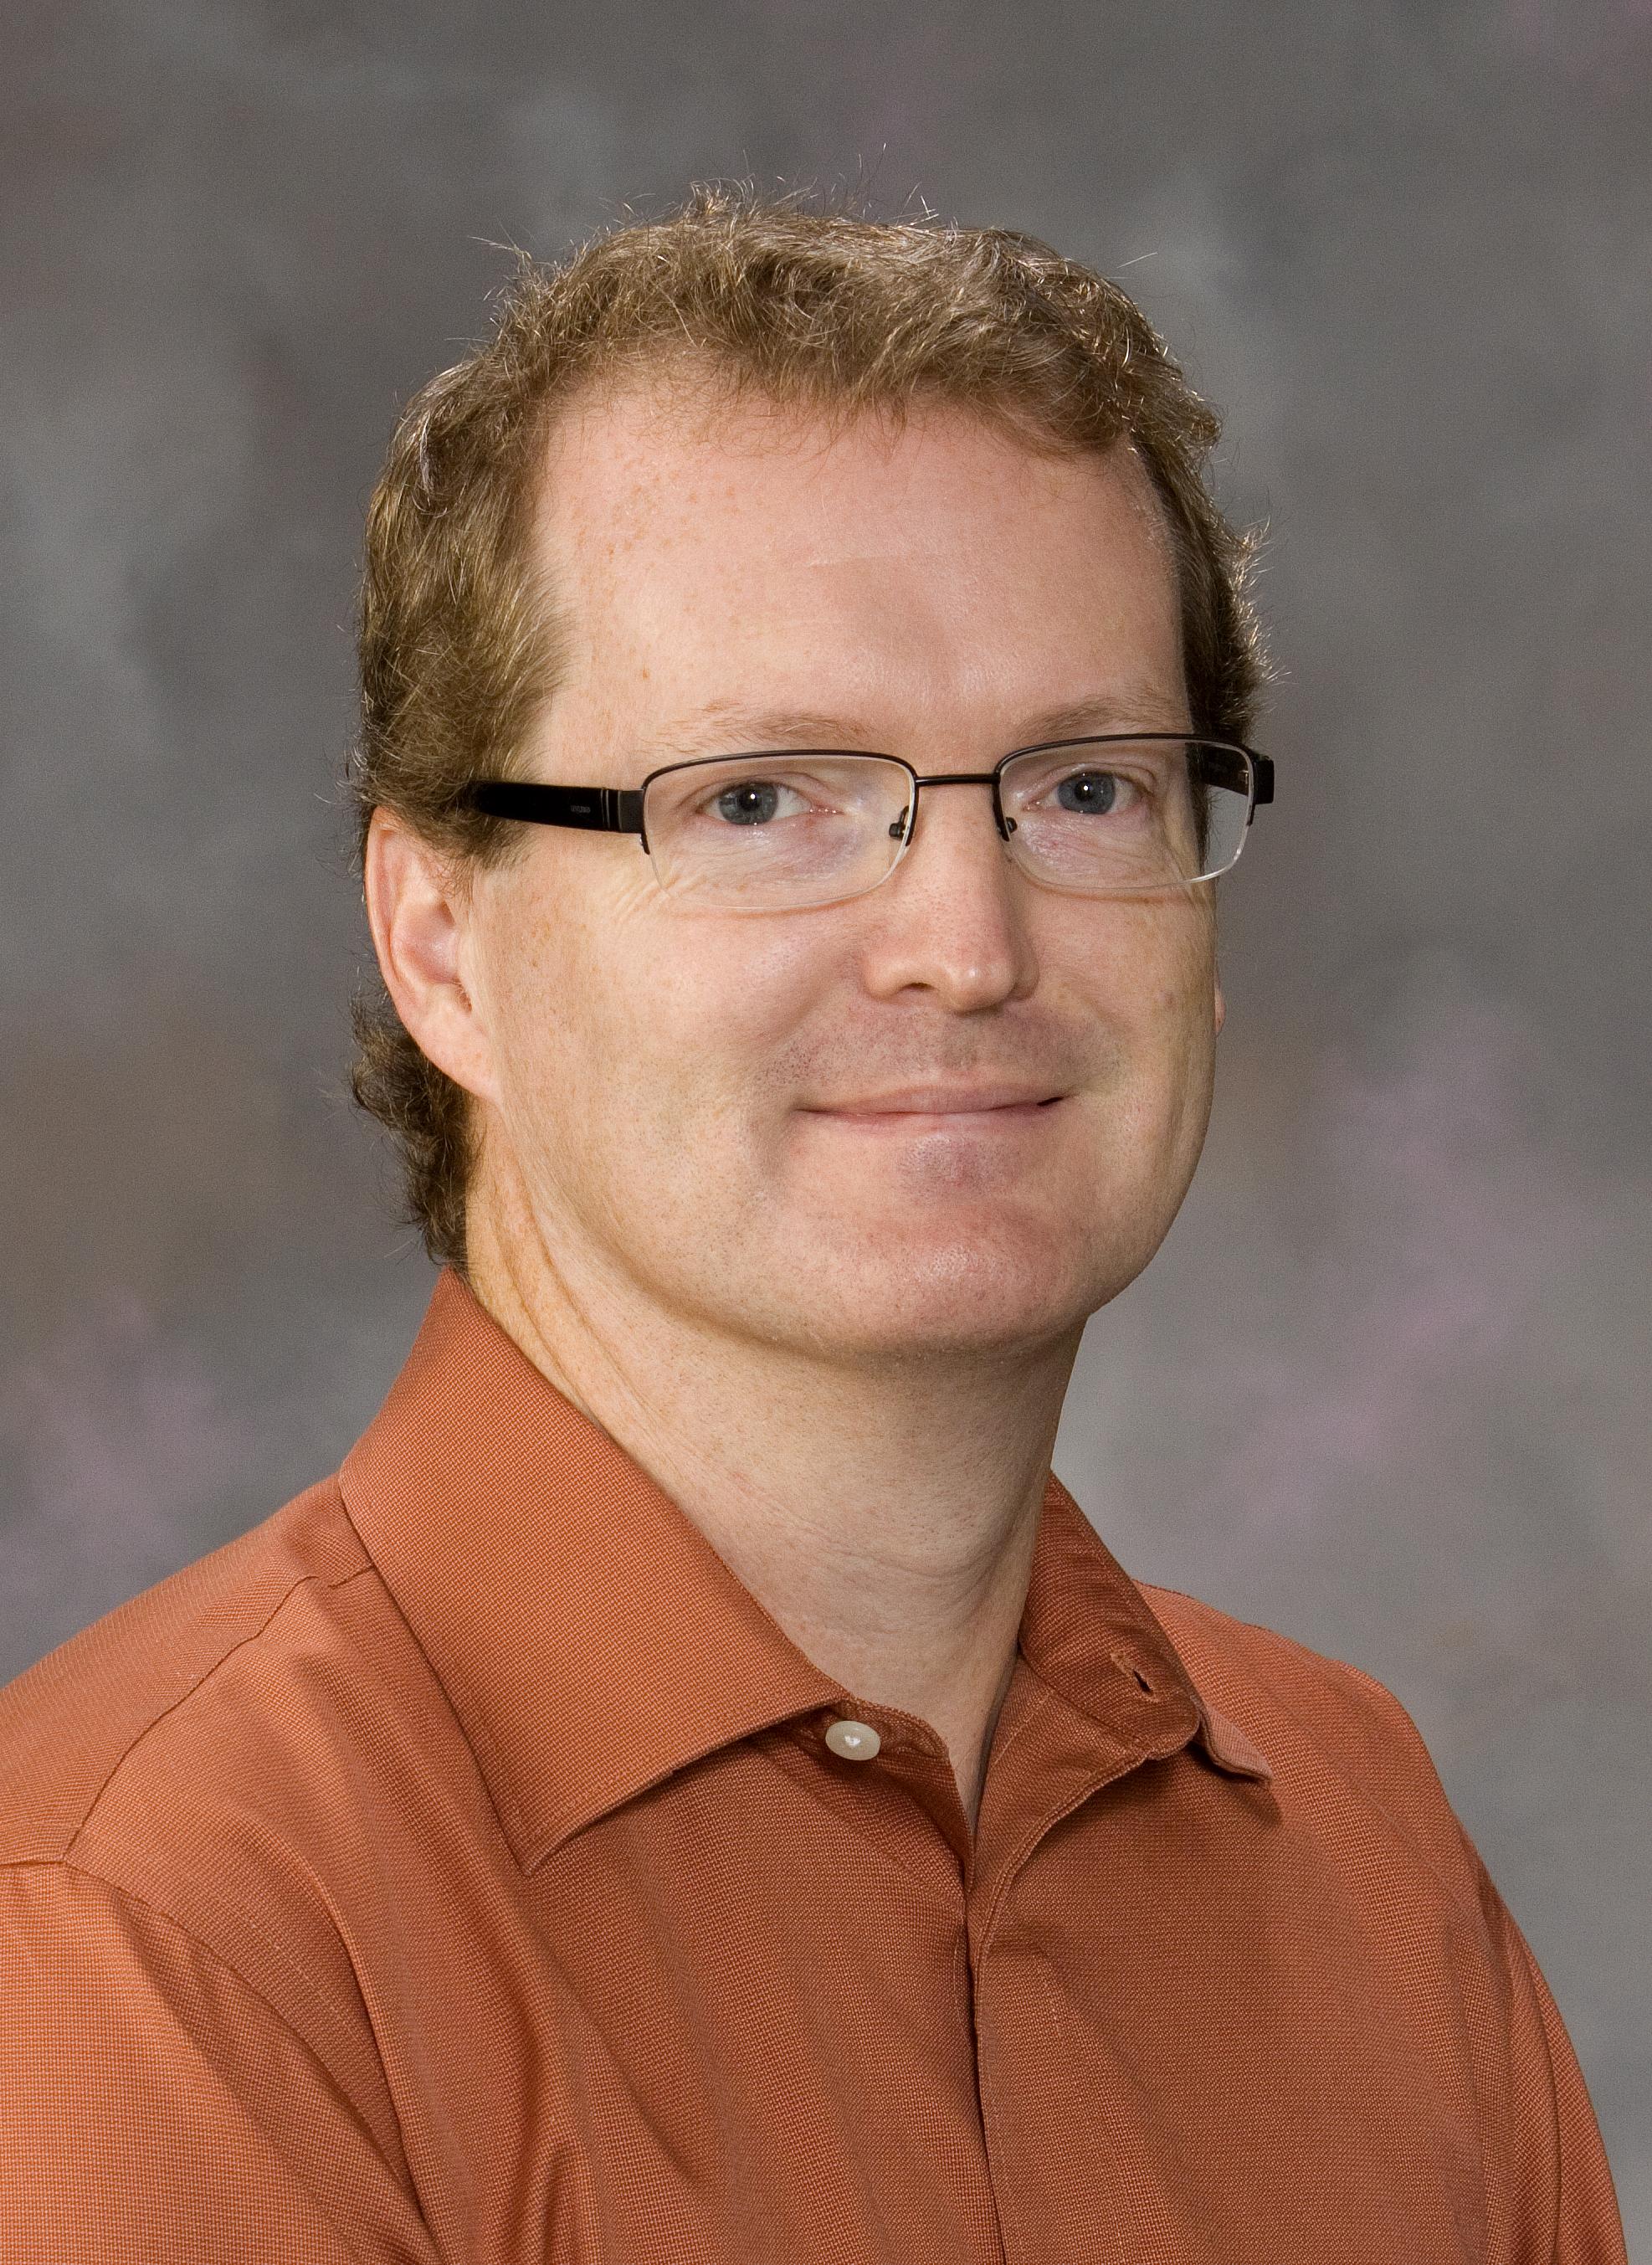 Matthew Dwyer